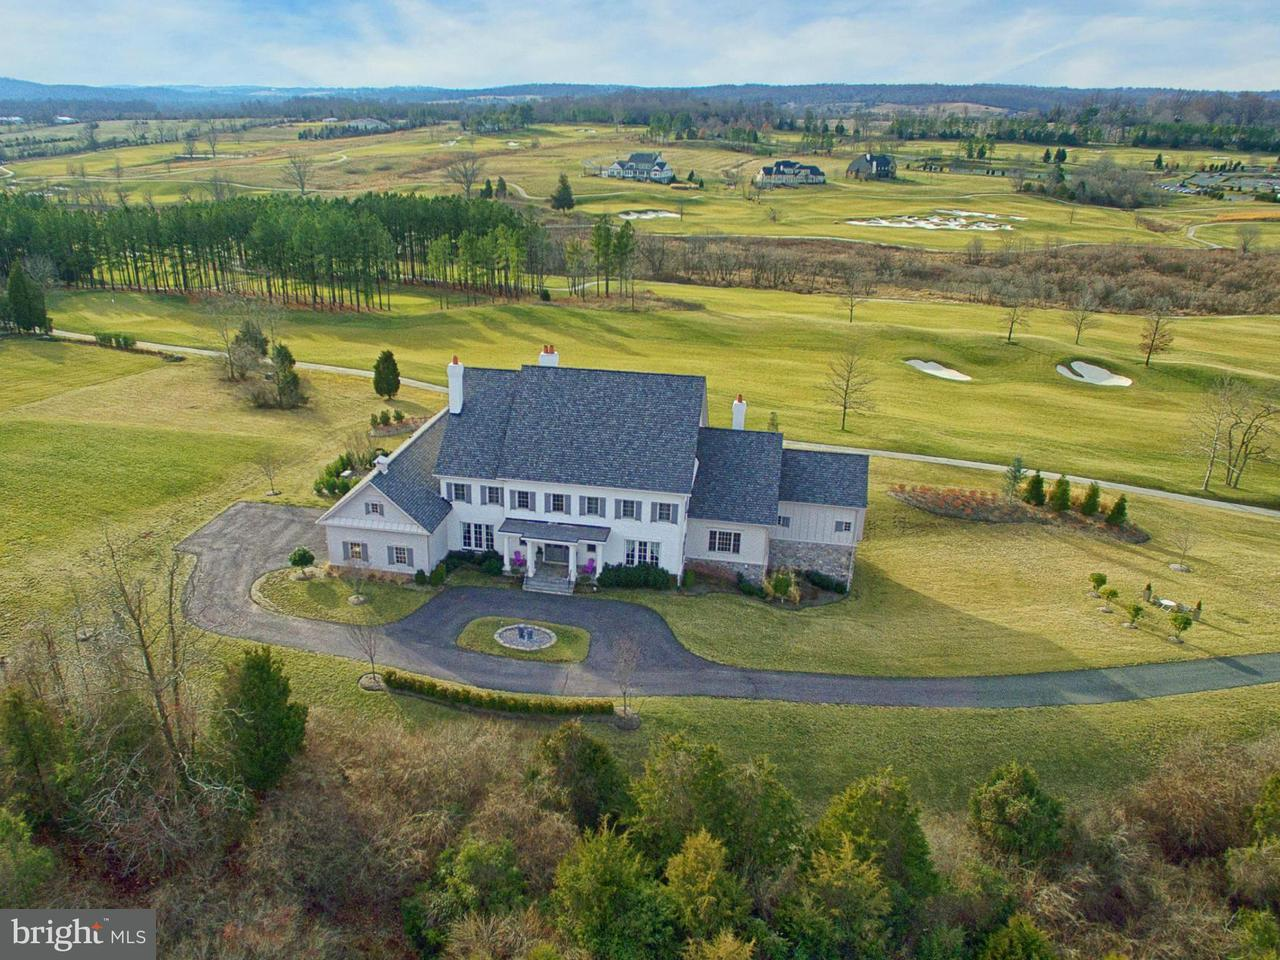 Μονοκατοικία για την Πώληση στο 22443 CREIGHTON FARMS Drive 22443 CREIGHTON FARMS Drive Leesburg, Βιρτζινια 20175 Ηνωμενεσ Πολιτειεσ